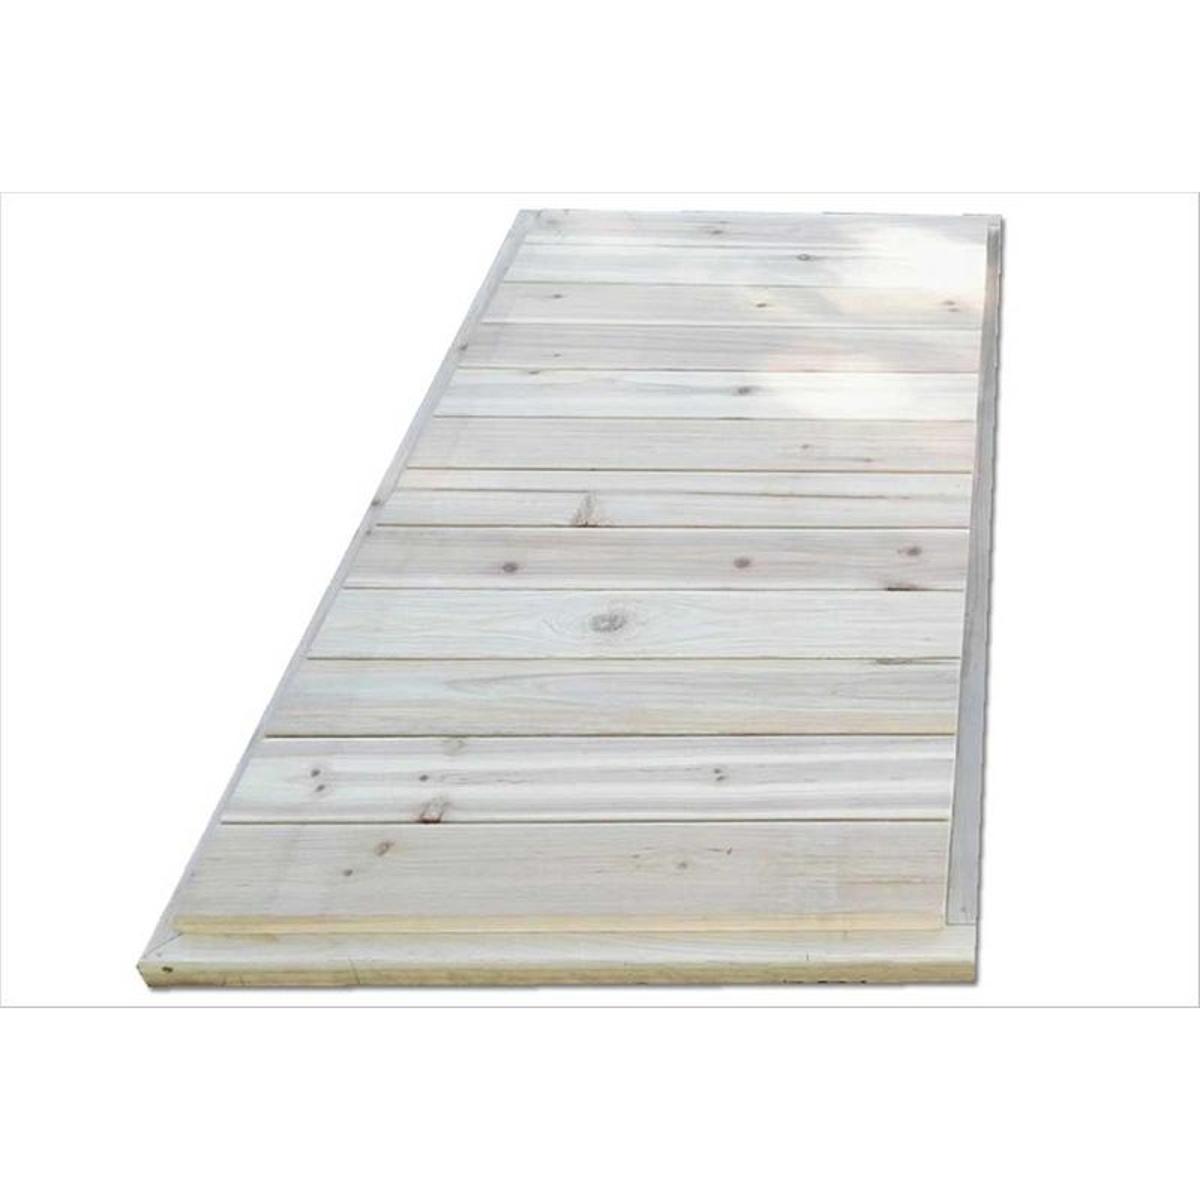 Plancher pour extension maison en bois Loft 150